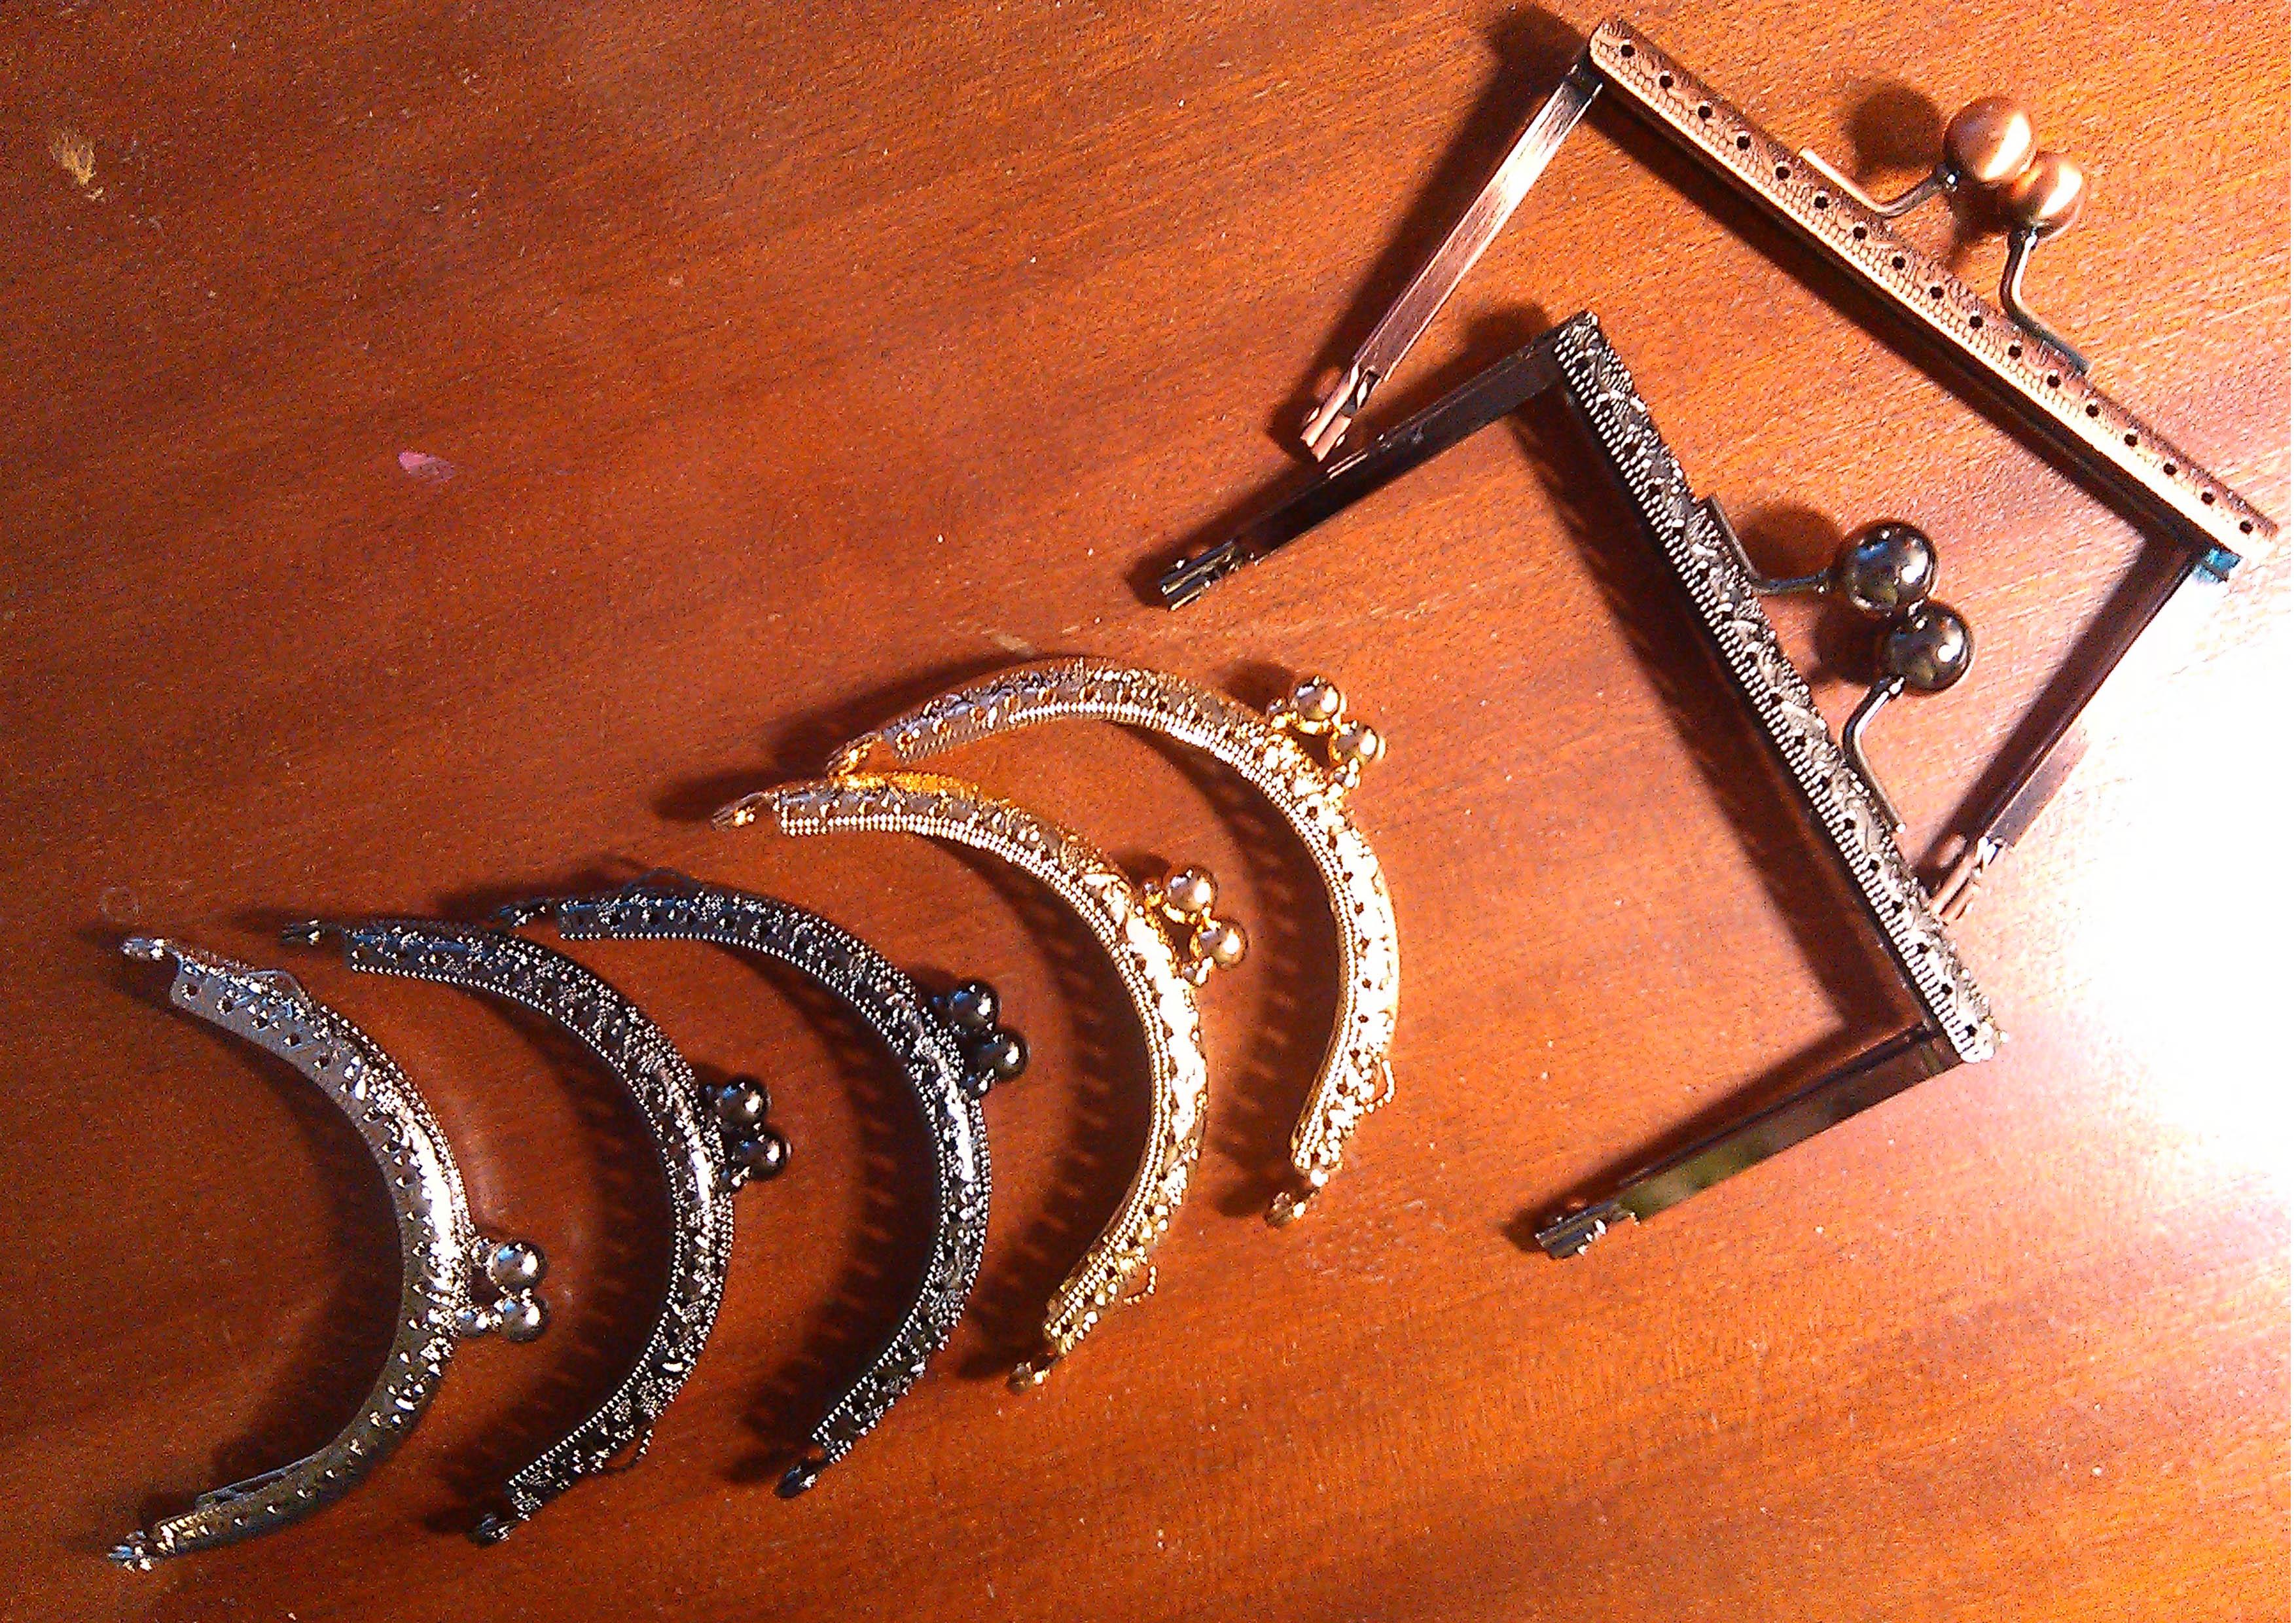 10.5cm Vierkant Metalen Portemonnee Frame Handvat voor Clutch Bag Handtas Accessoires Making Kiss Clasp Lock Antiek Brons Tassen Hardware photo review